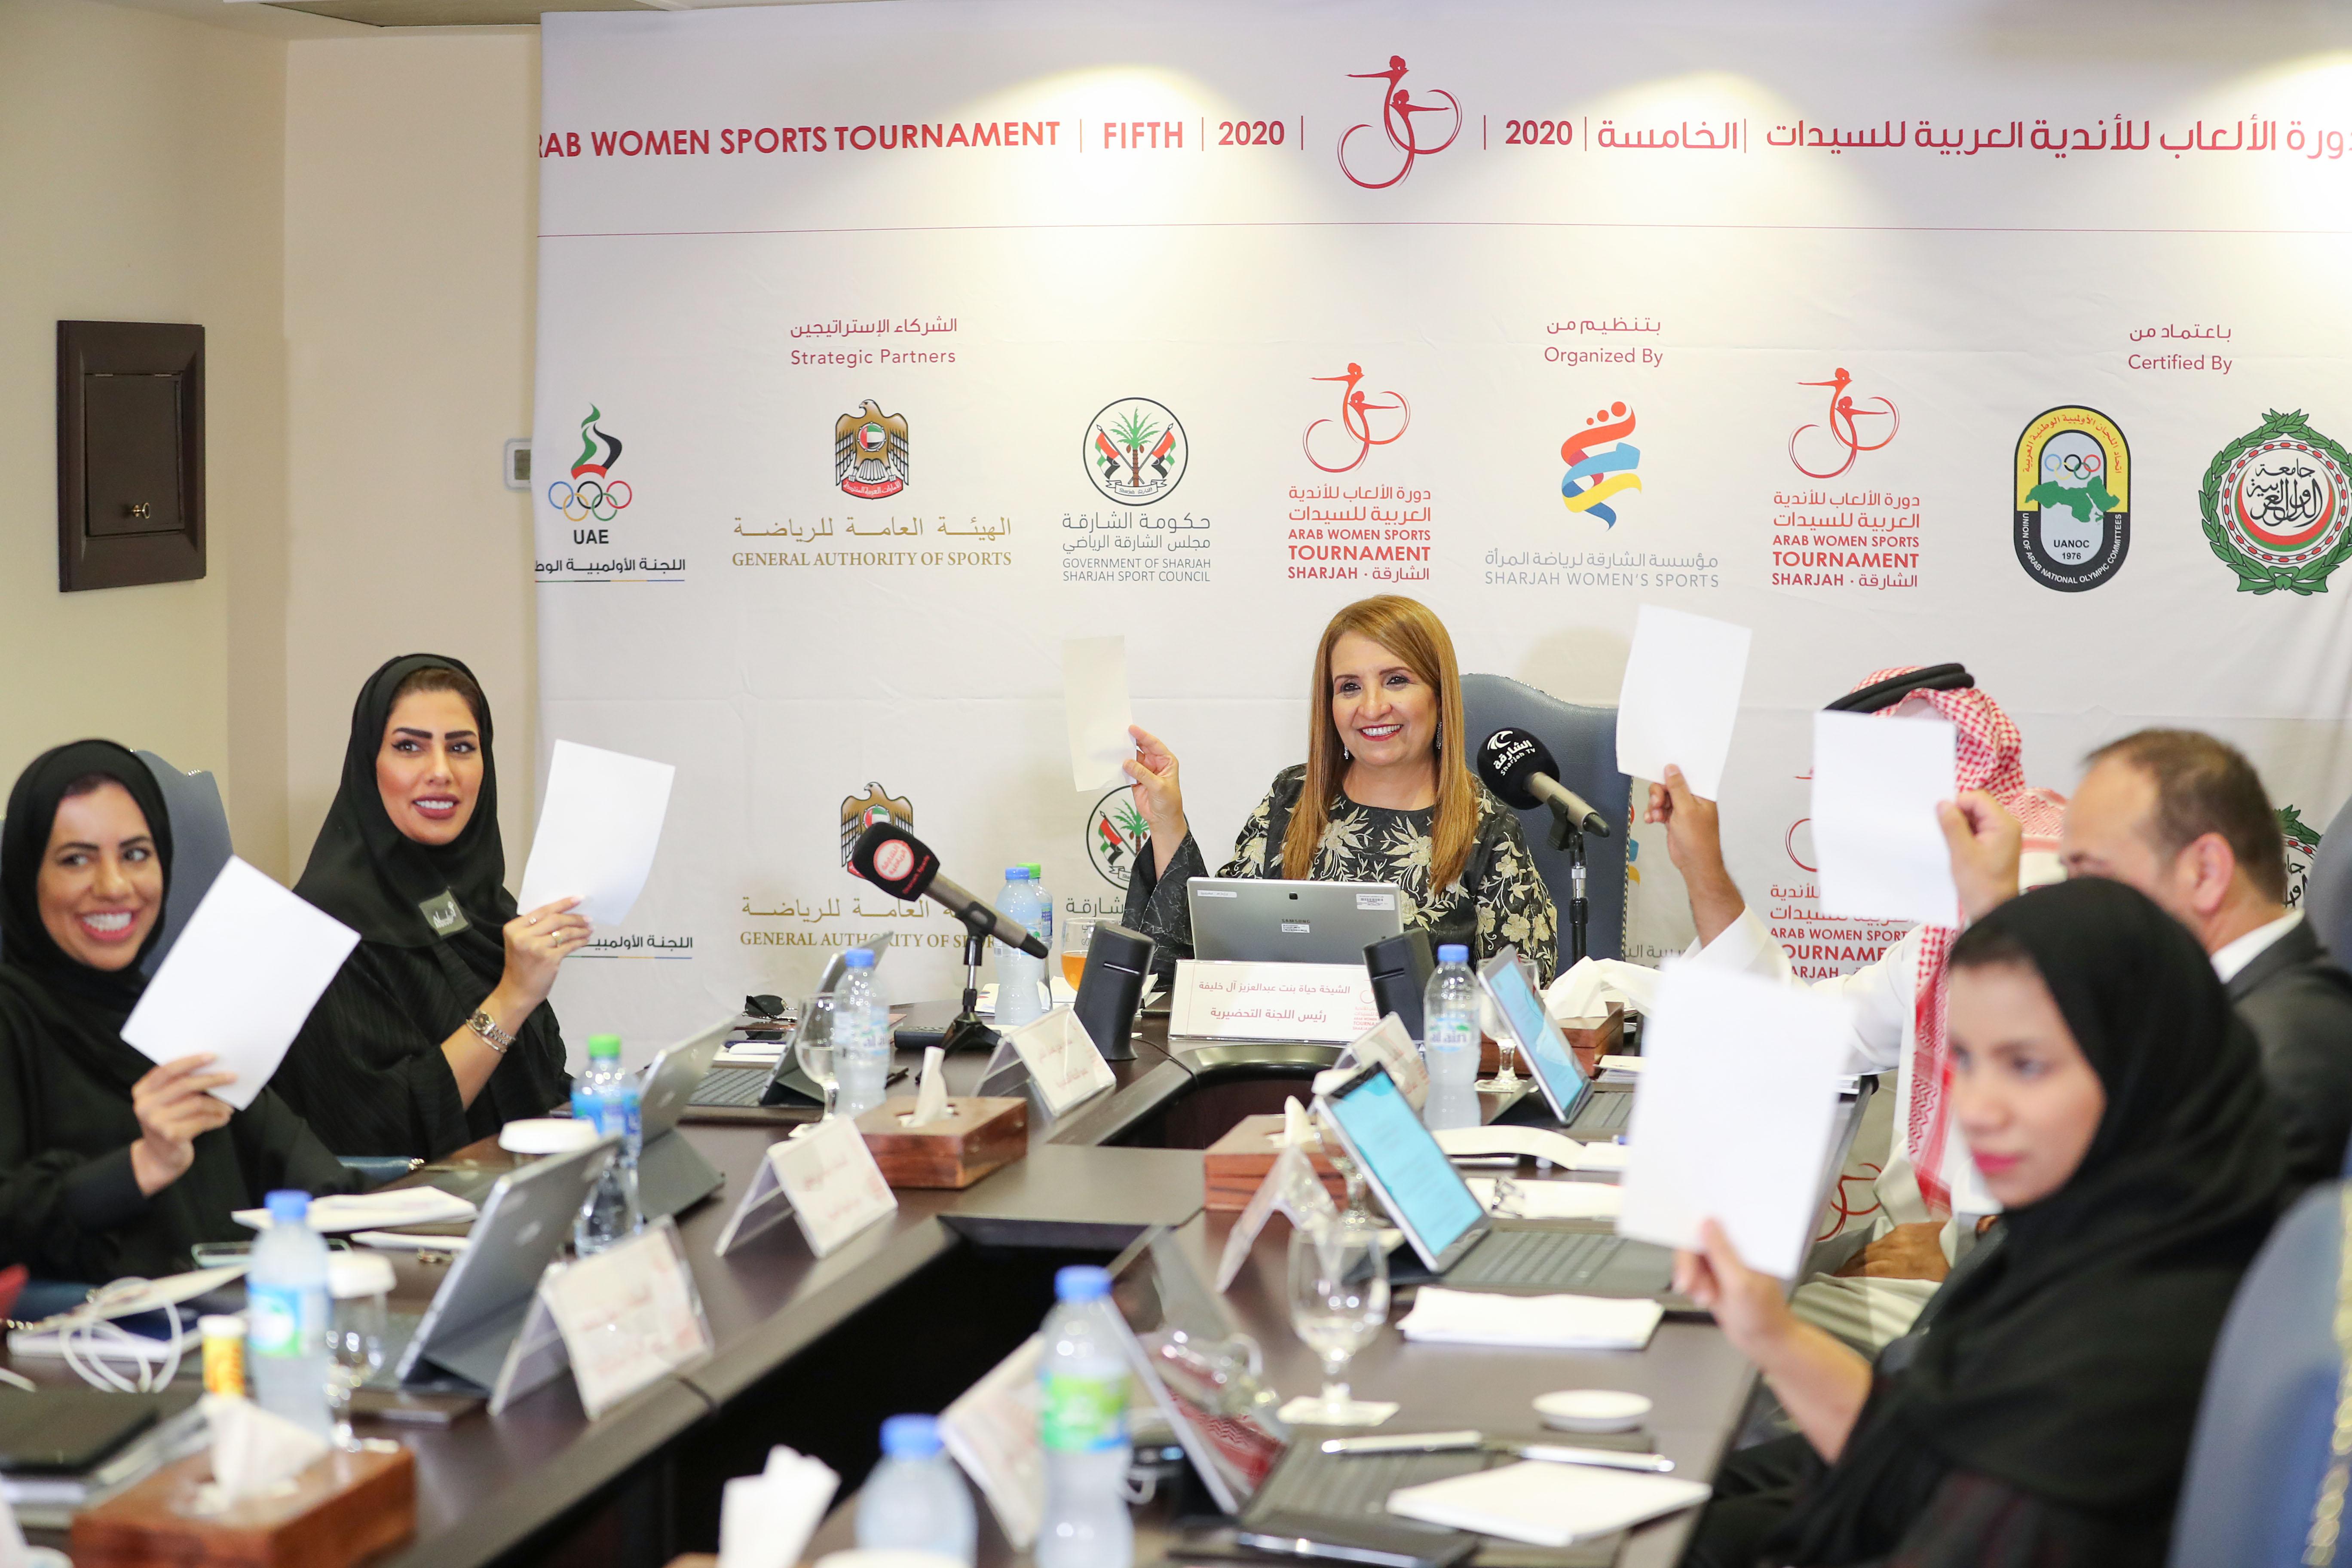 اجتماع اللجنة المنظمة البطولة العربية للسيدات